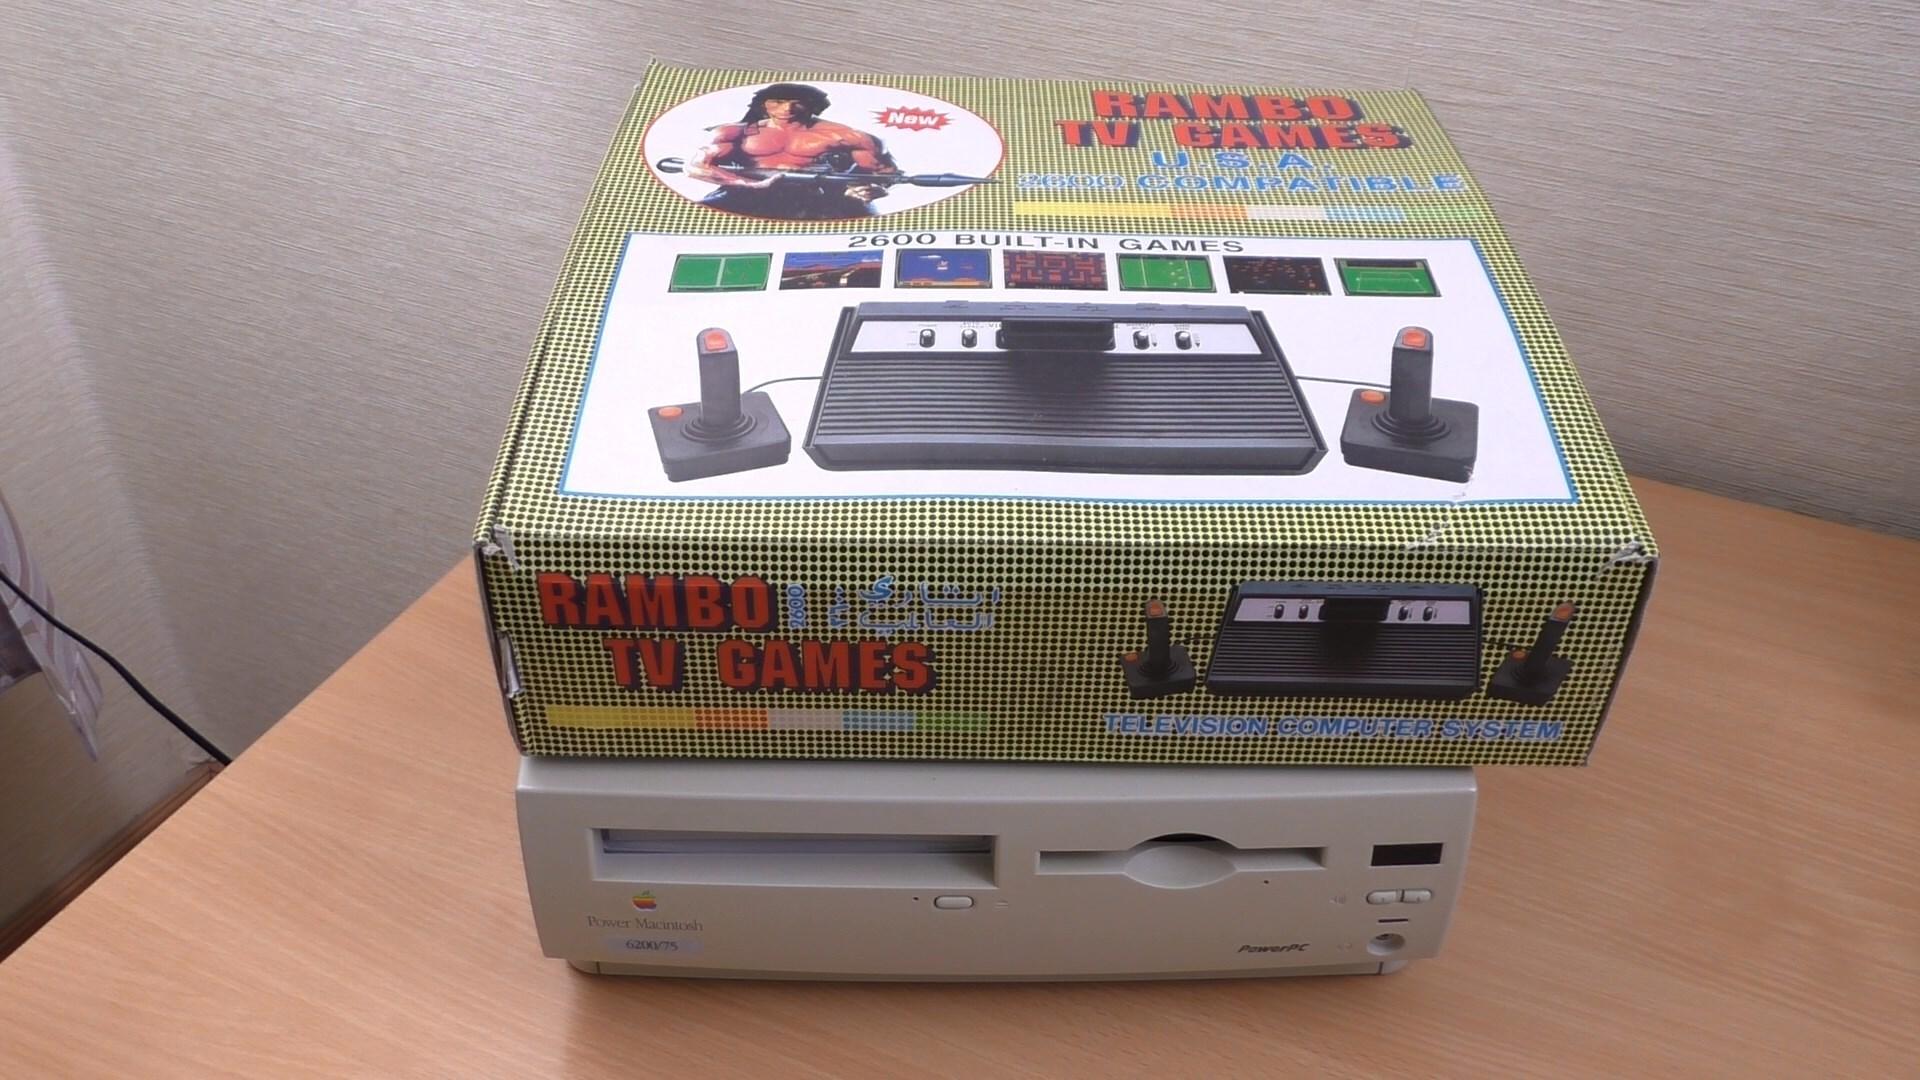 Rambo TV Games (Atari 2600) [статья с кучей фото и капелькой видео] - 2